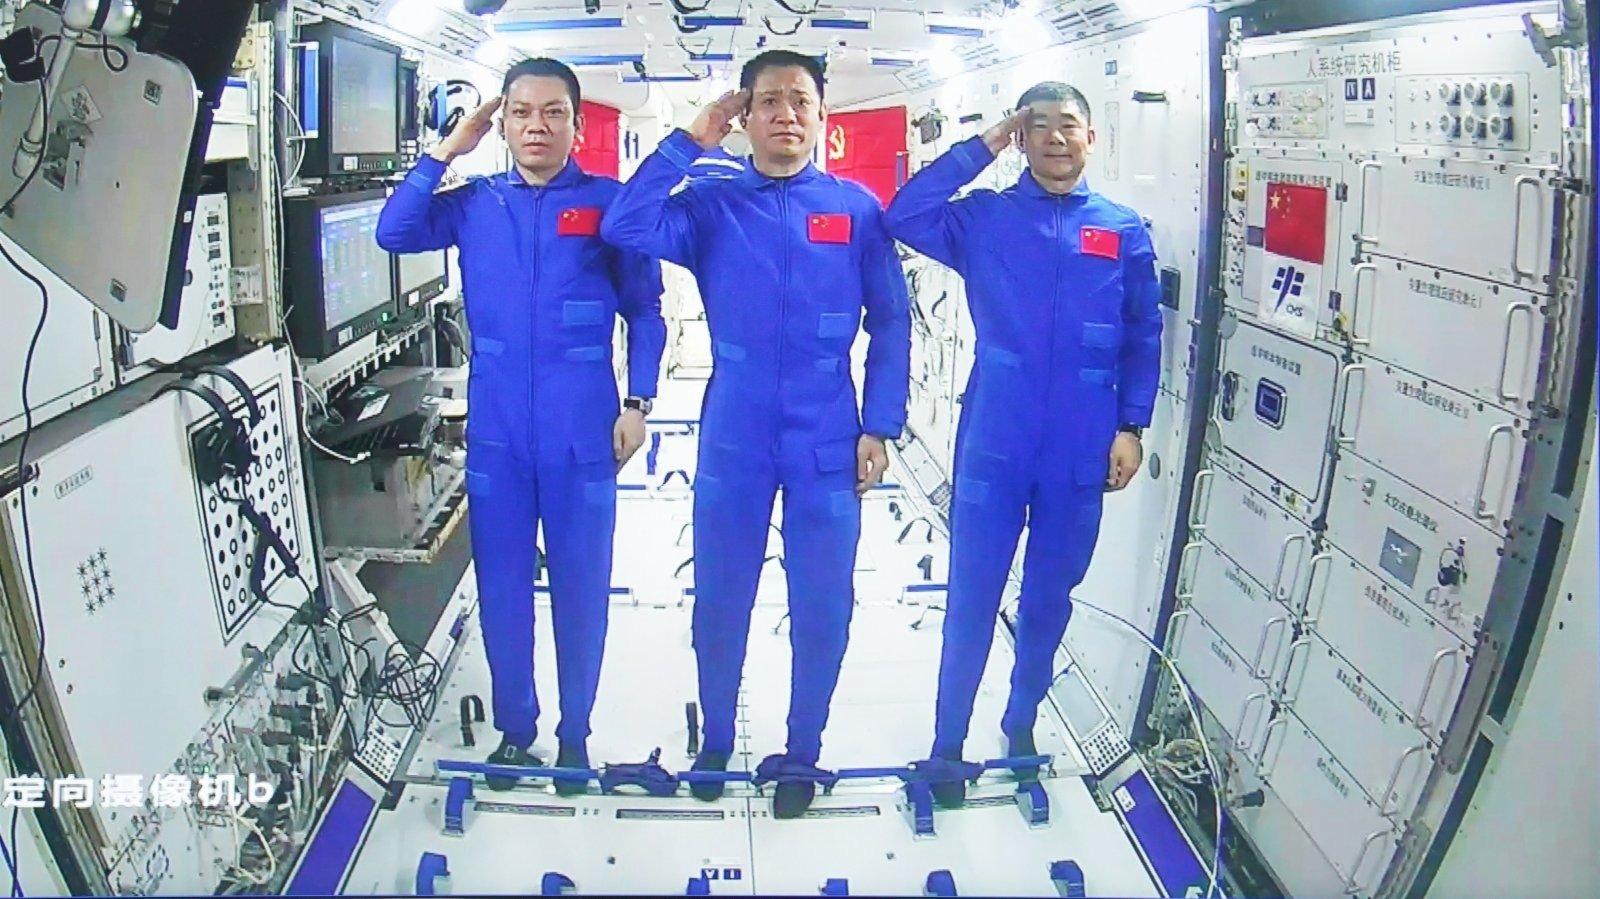 神舟十二號航天員進行中國空間站首次出艙活動